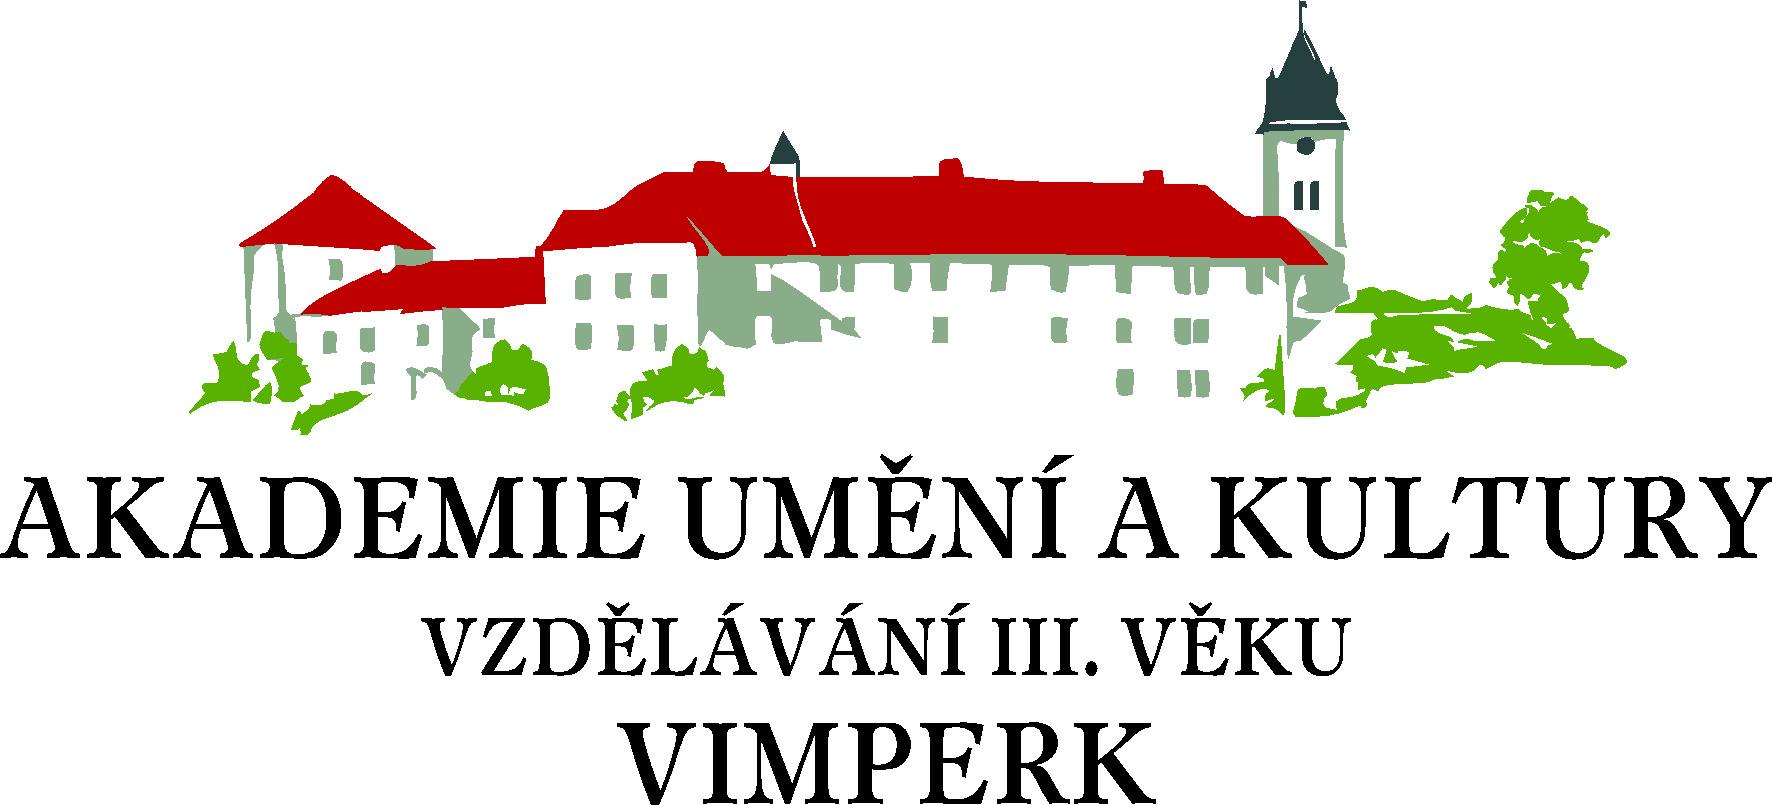 Akademie umění a kultury Vimperk, vzdělávání III. věku